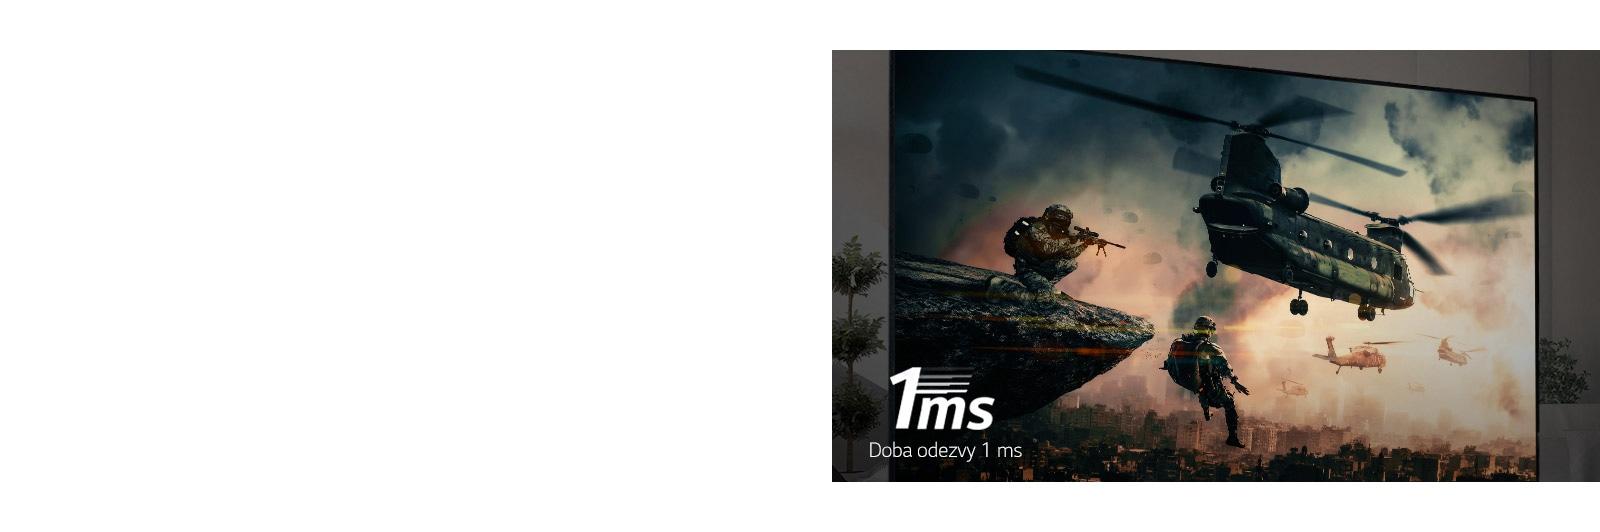 Televizní obrazovka zobrazující bojovou hru s ozbrojenými vojáky a vrtulníky létajícími na obloze.